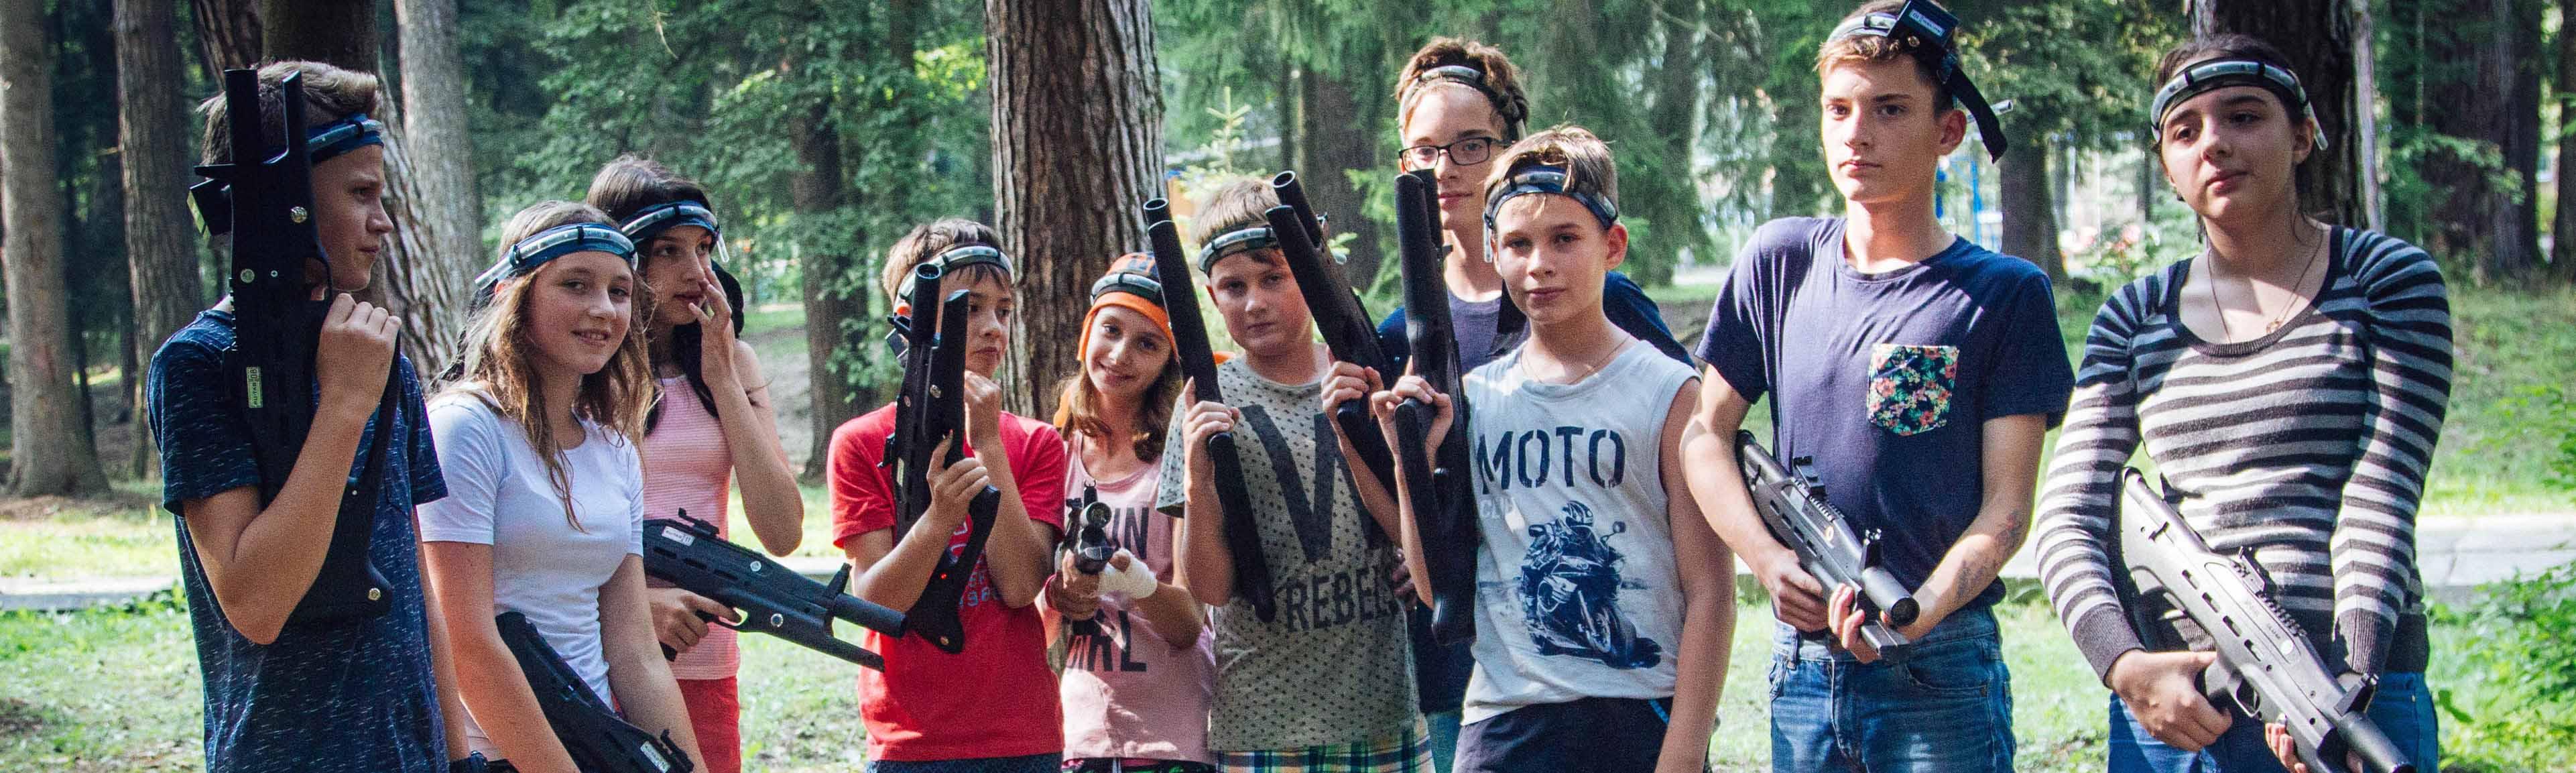 Вуаля лагерь лазертаг